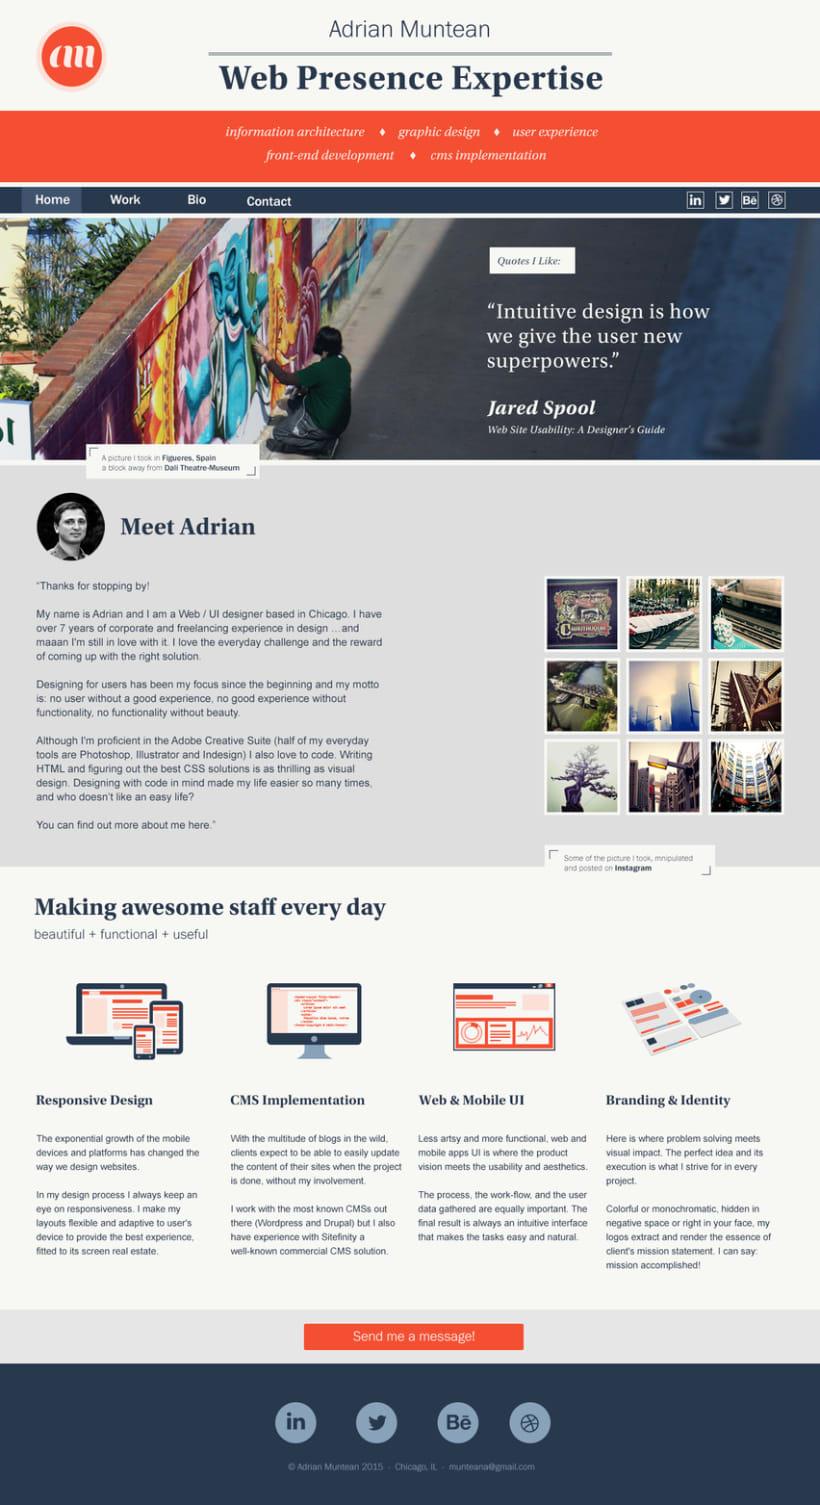 adrianmuntean.com (self branding redesign) -1